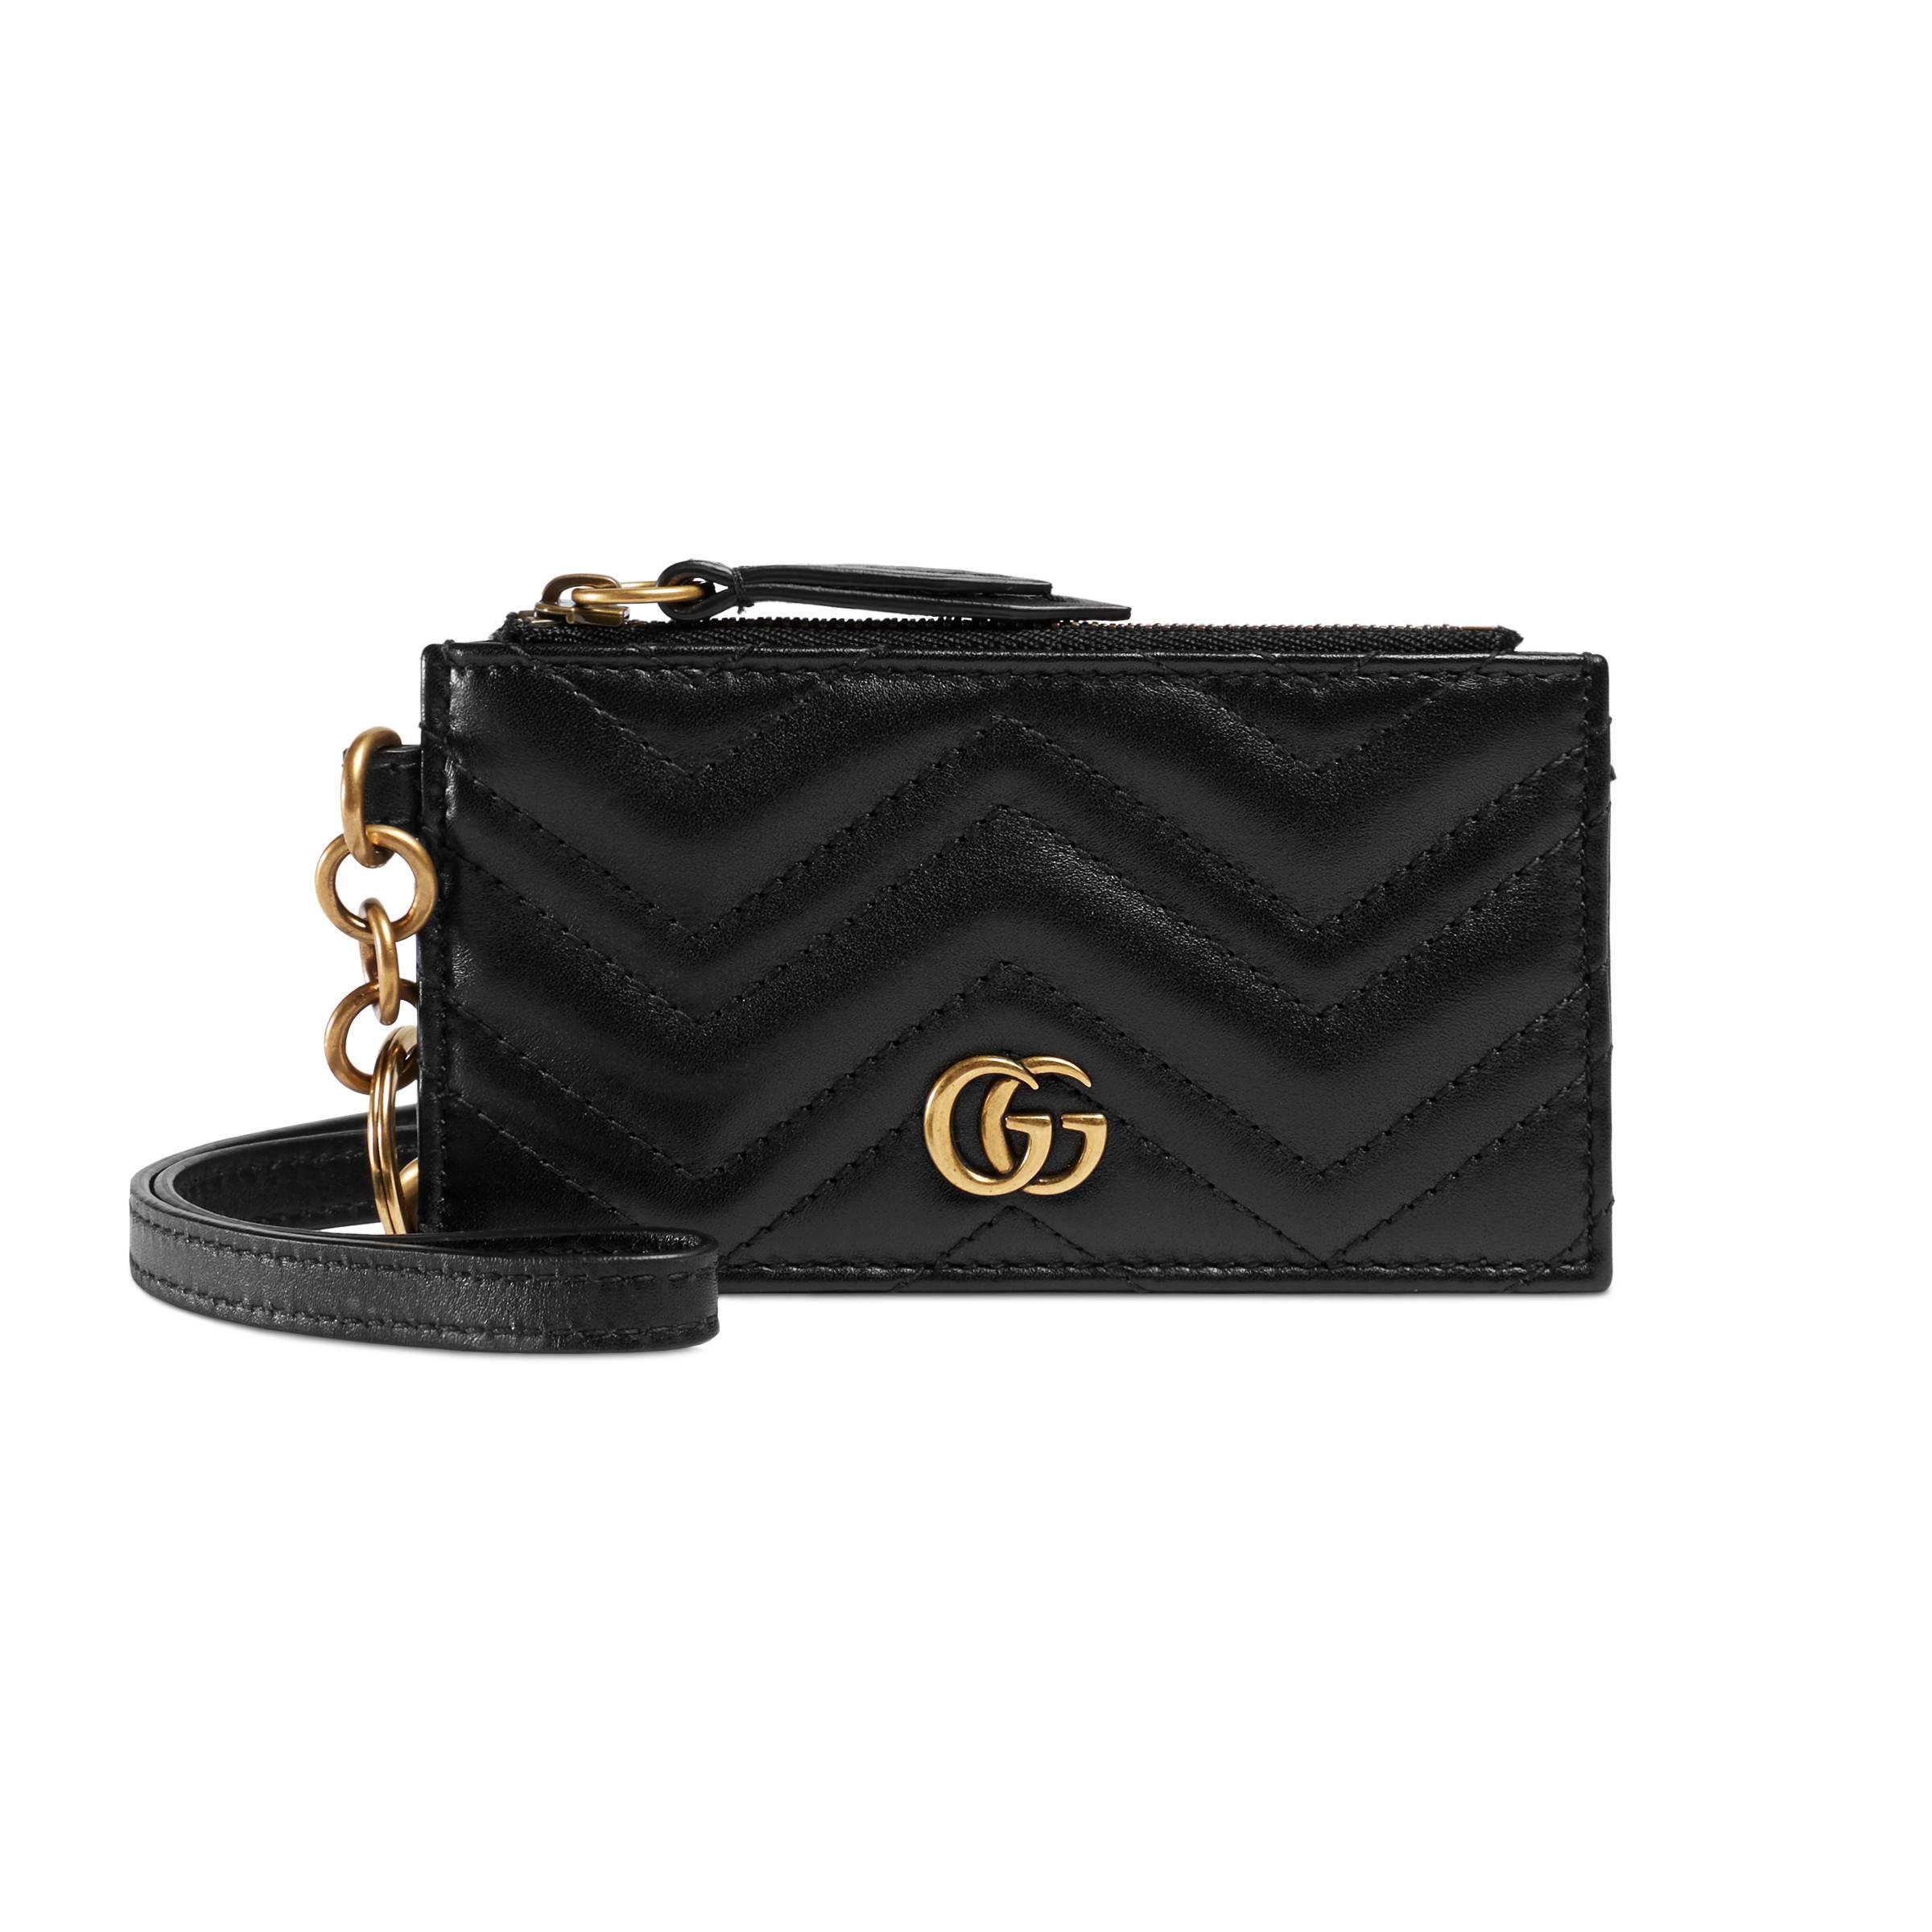 7f3299eddee5 Gucci GG Marmont Card Case in Black - Lyst